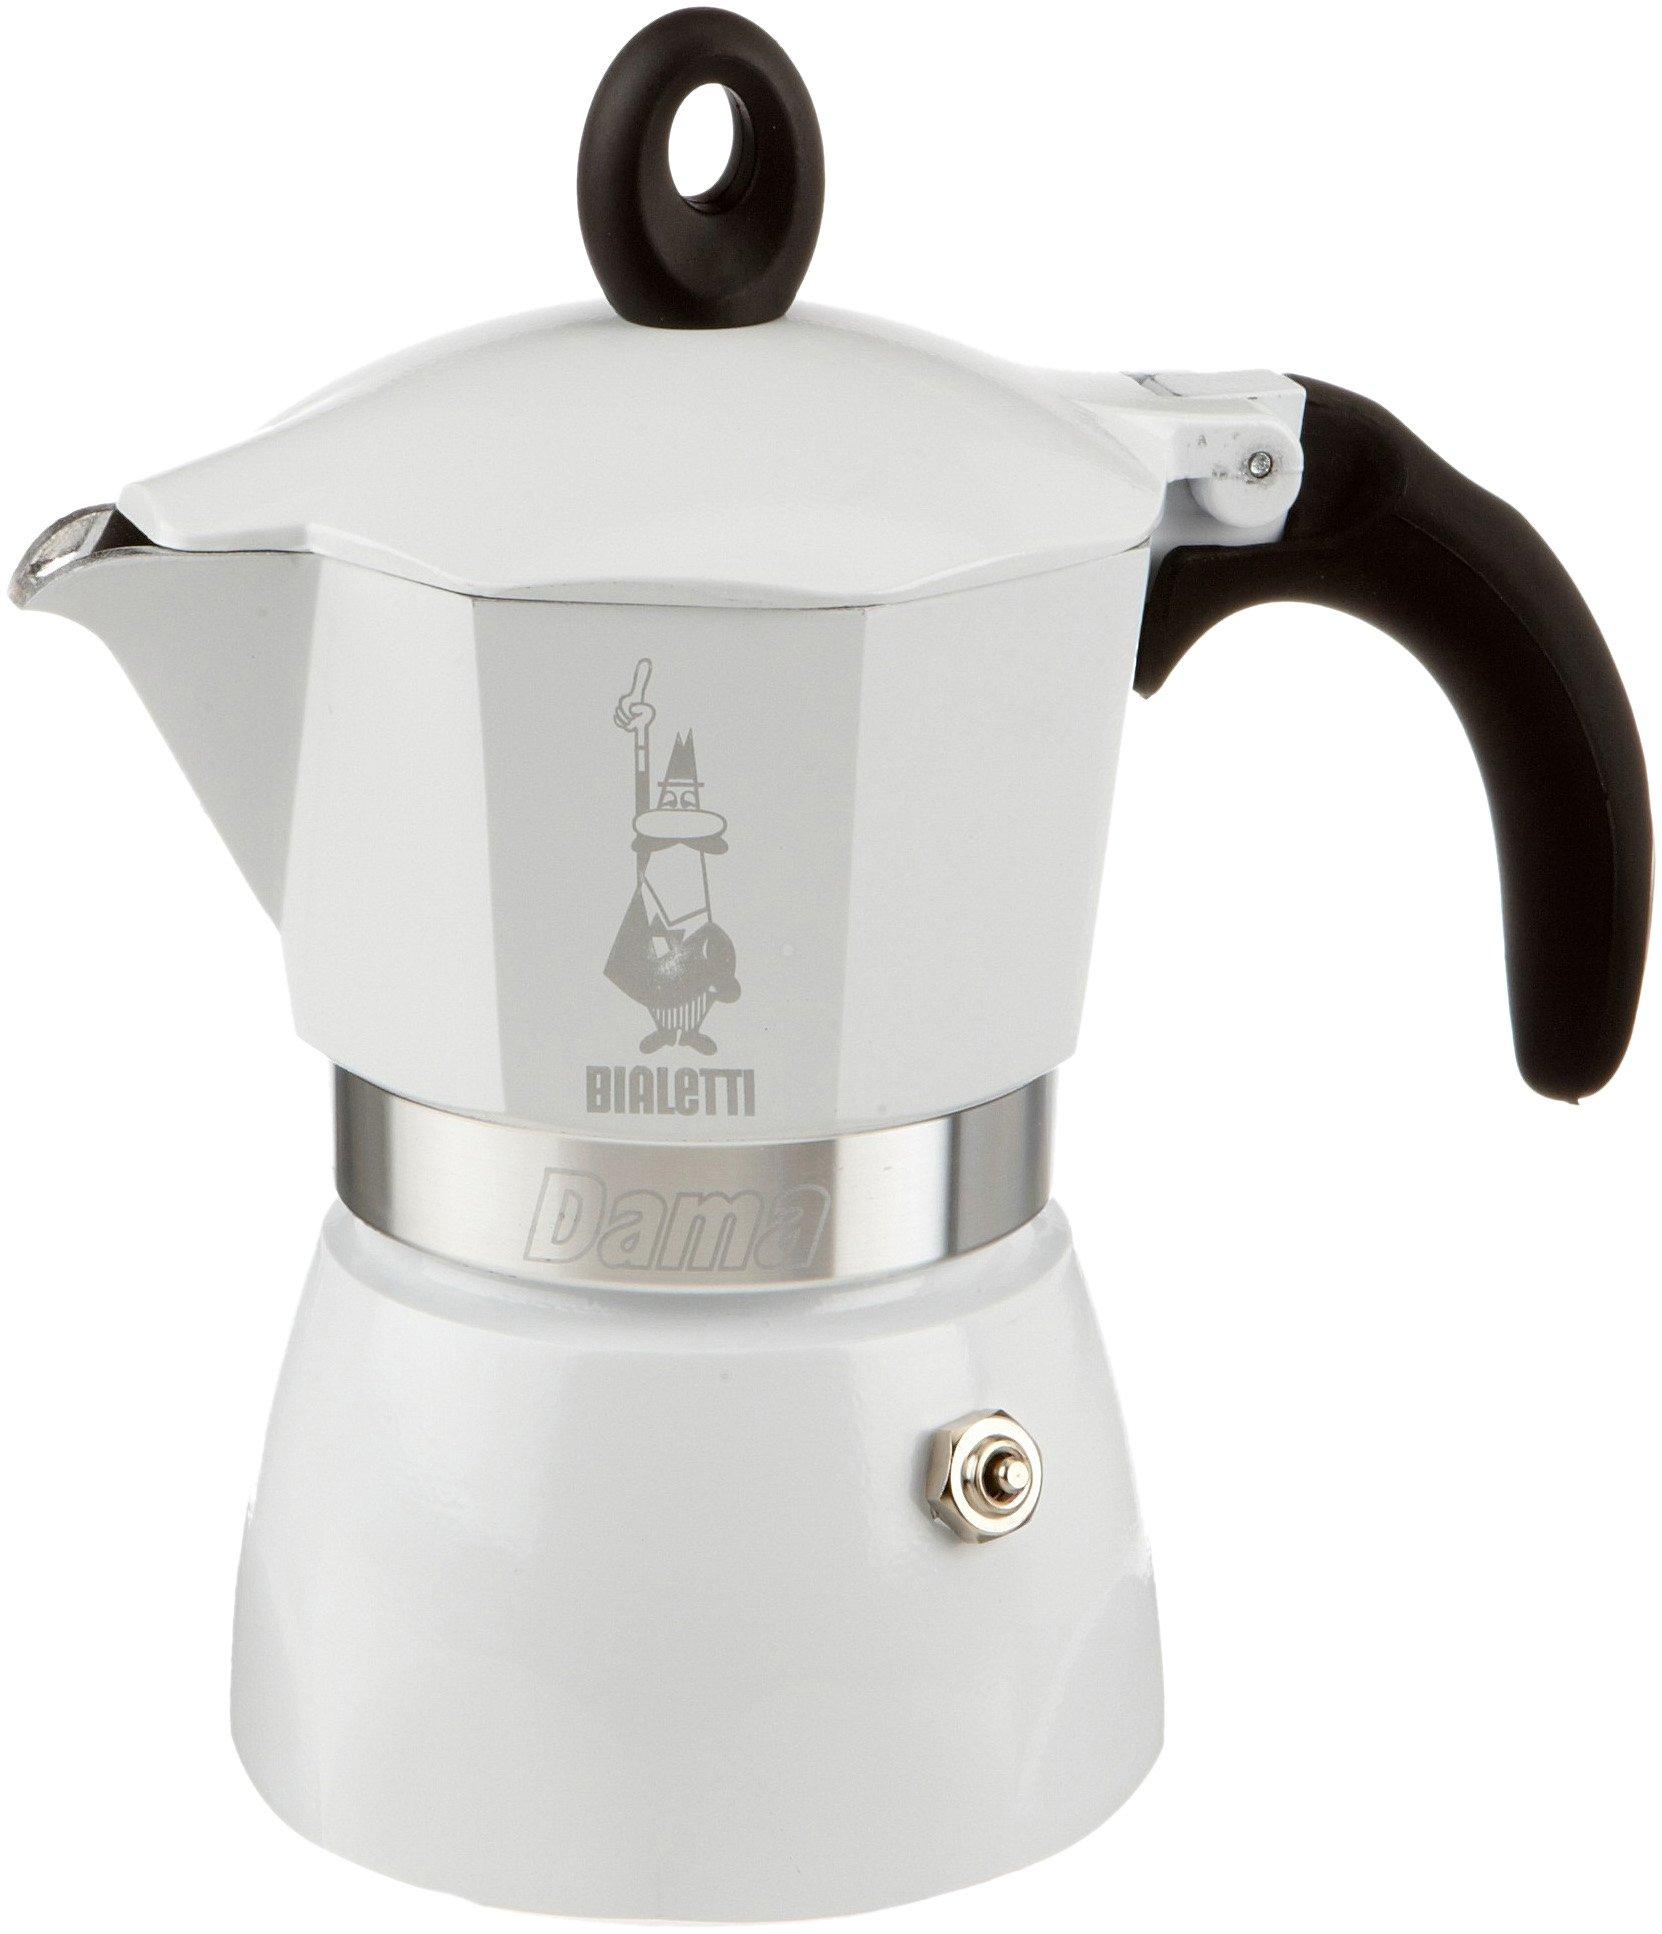 Bialetti: Collection. Dama White - 3 Cup Espresso Maker